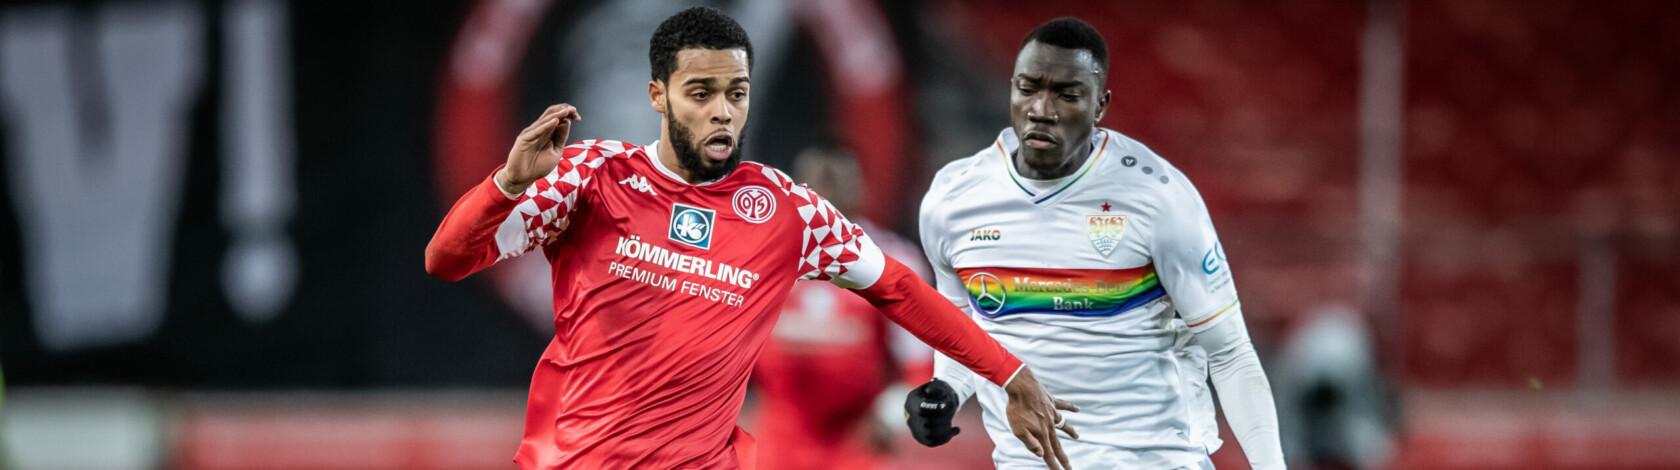 VfB Stuttgart v 1. FSV Mainz 05 – Bundesliga for DFL